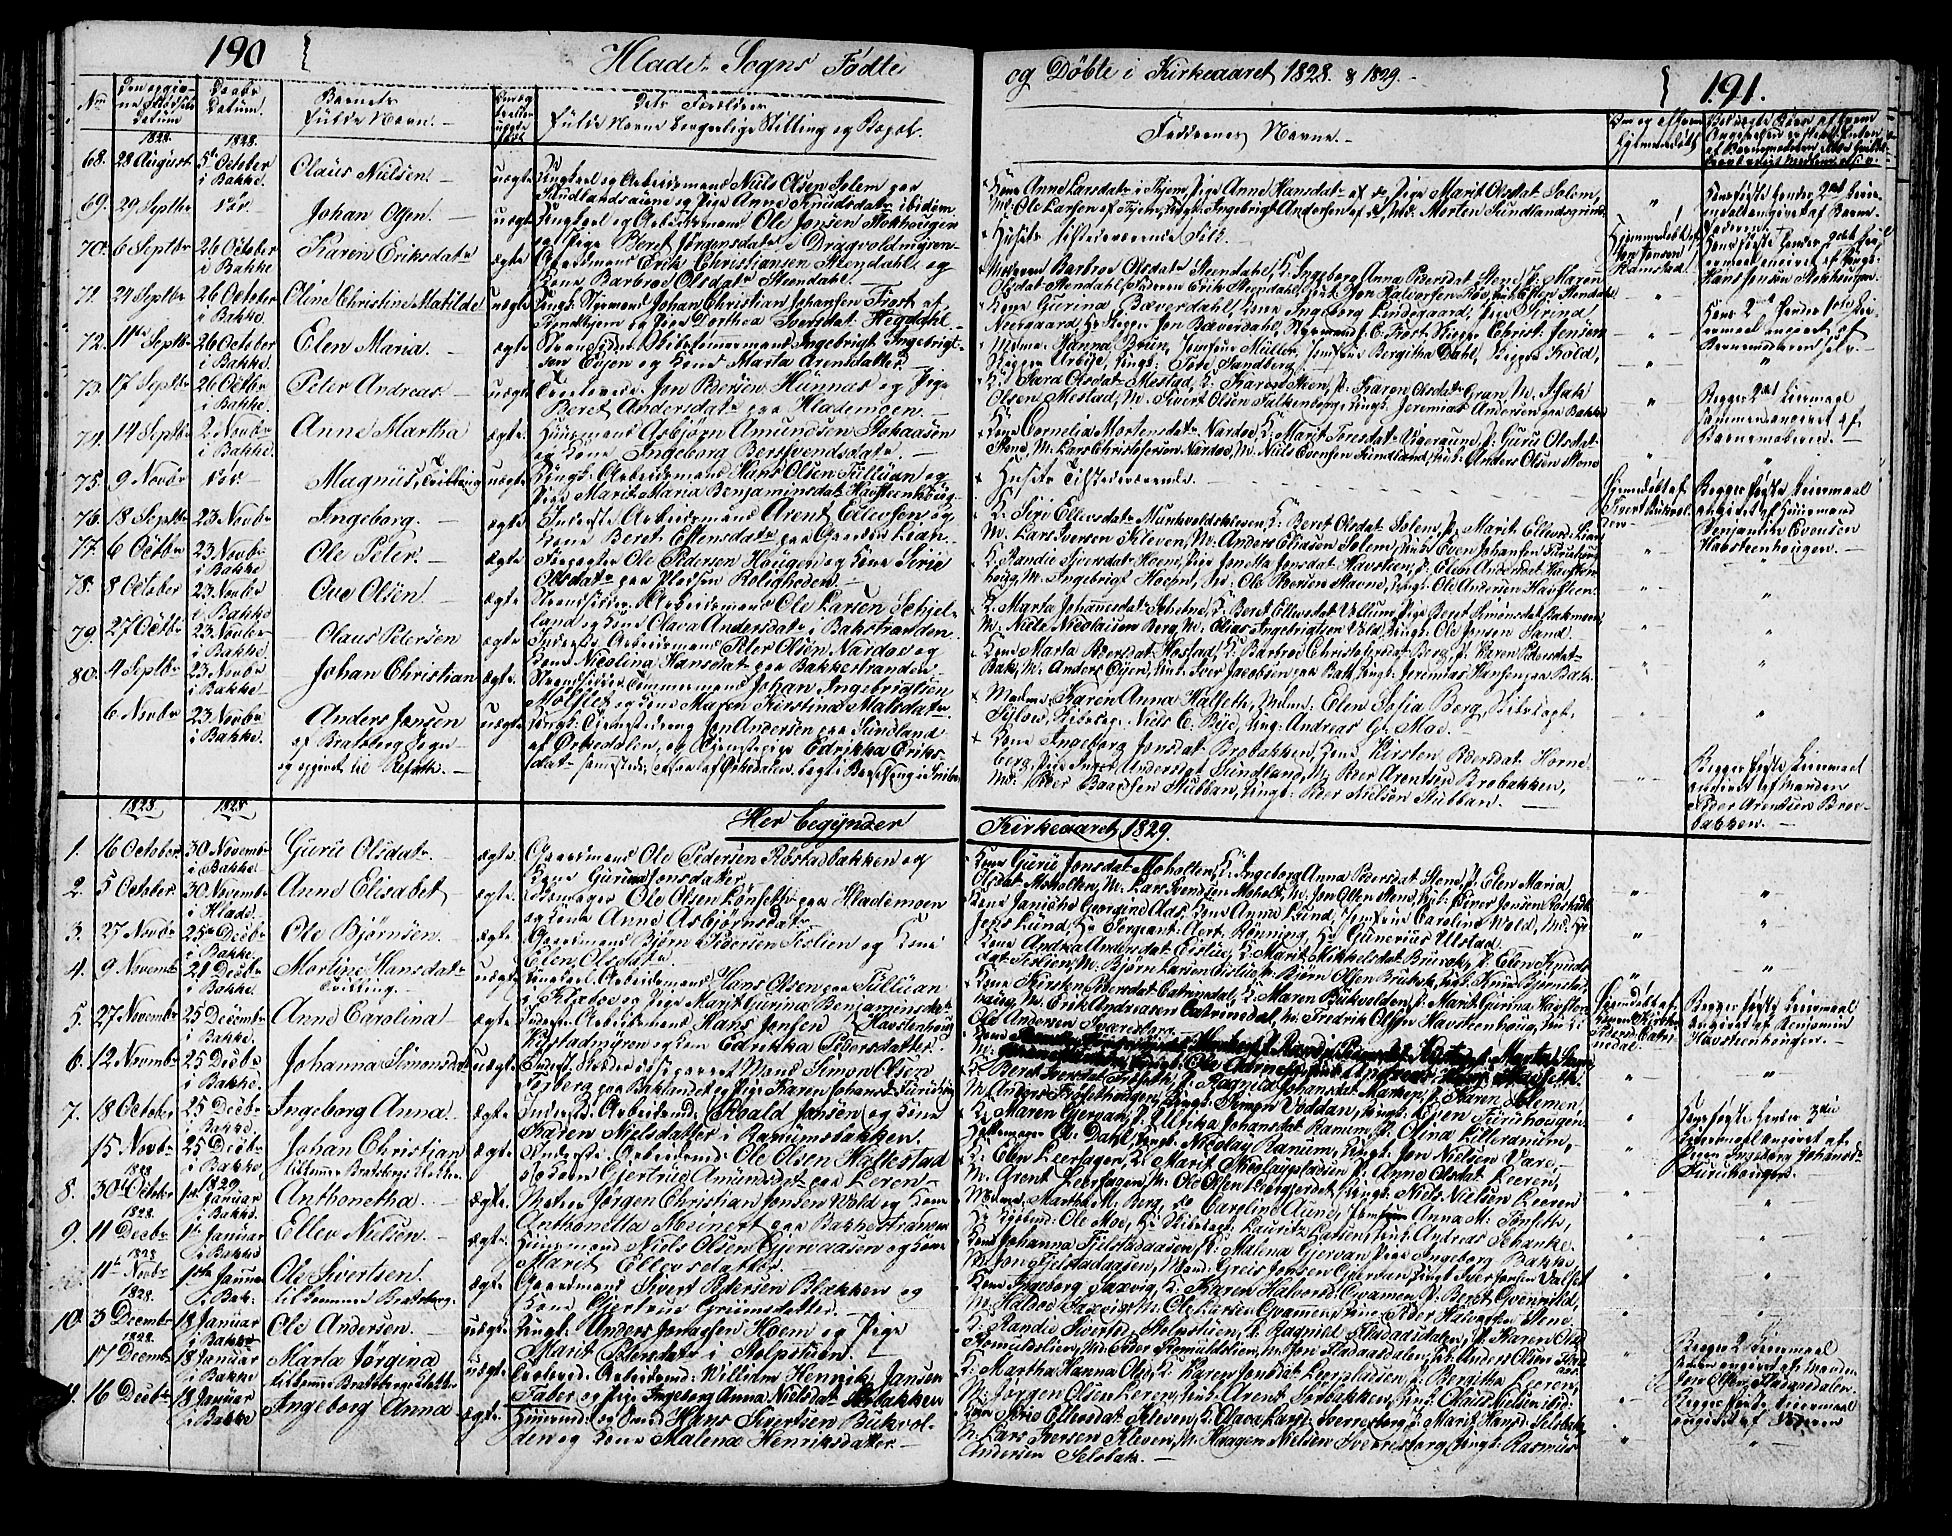 SAT, Ministerialprotokoller, klokkerbøker og fødselsregistre - Sør-Trøndelag, 606/L0306: Klokkerbok nr. 606C02, 1797-1829, s. 190-191